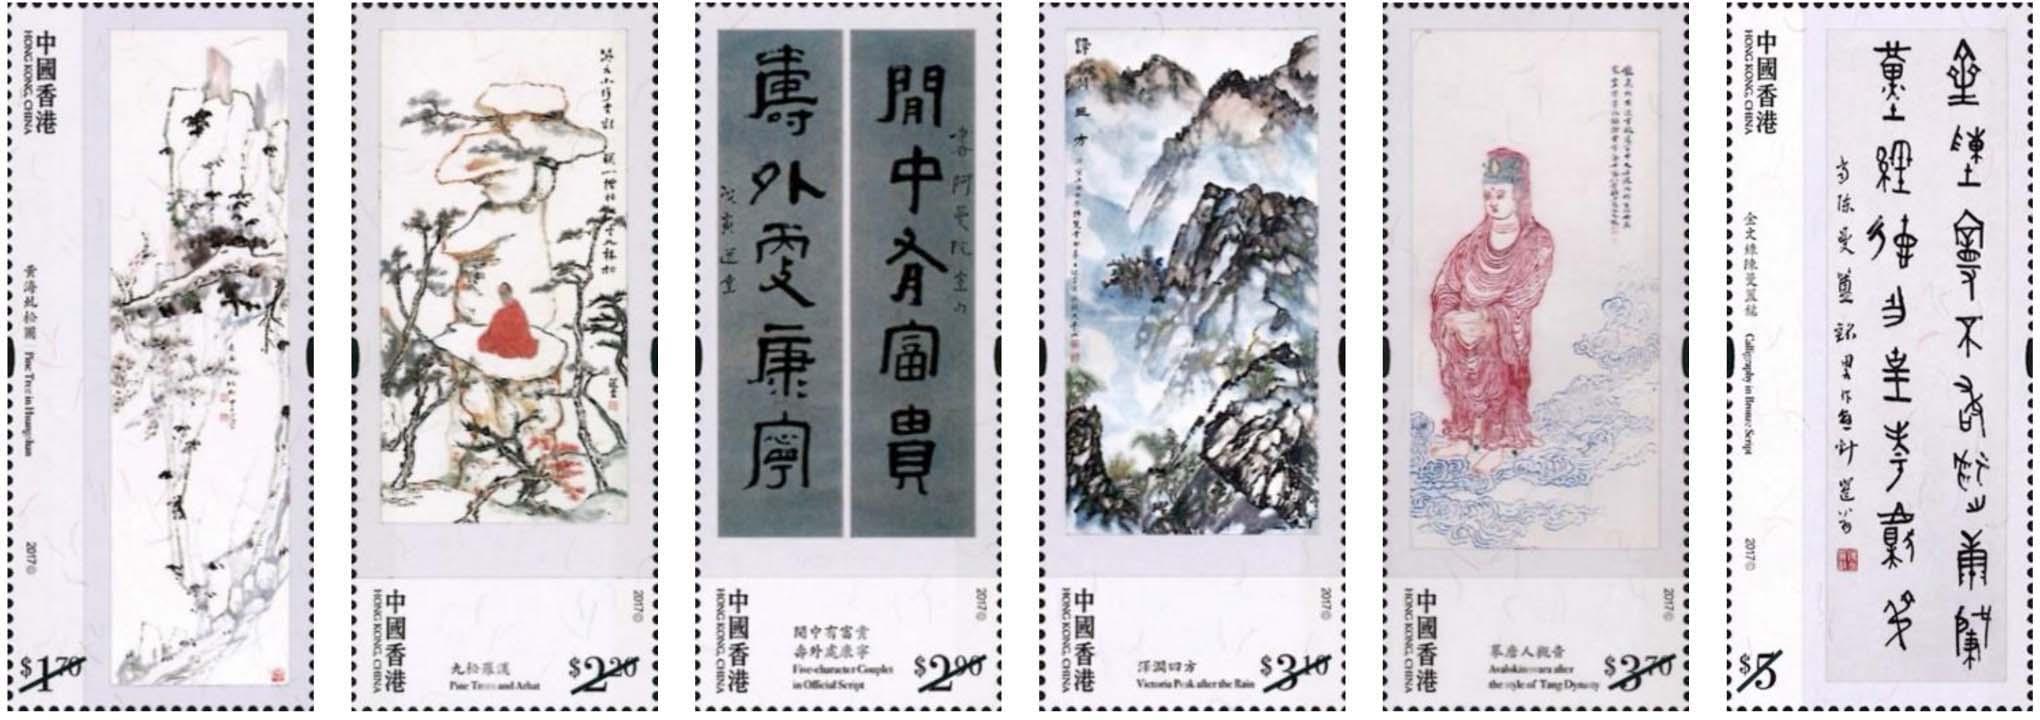 郵票將展示國學大師饒宗頤的人物及山水花鳥畫作和書法作品,分別為